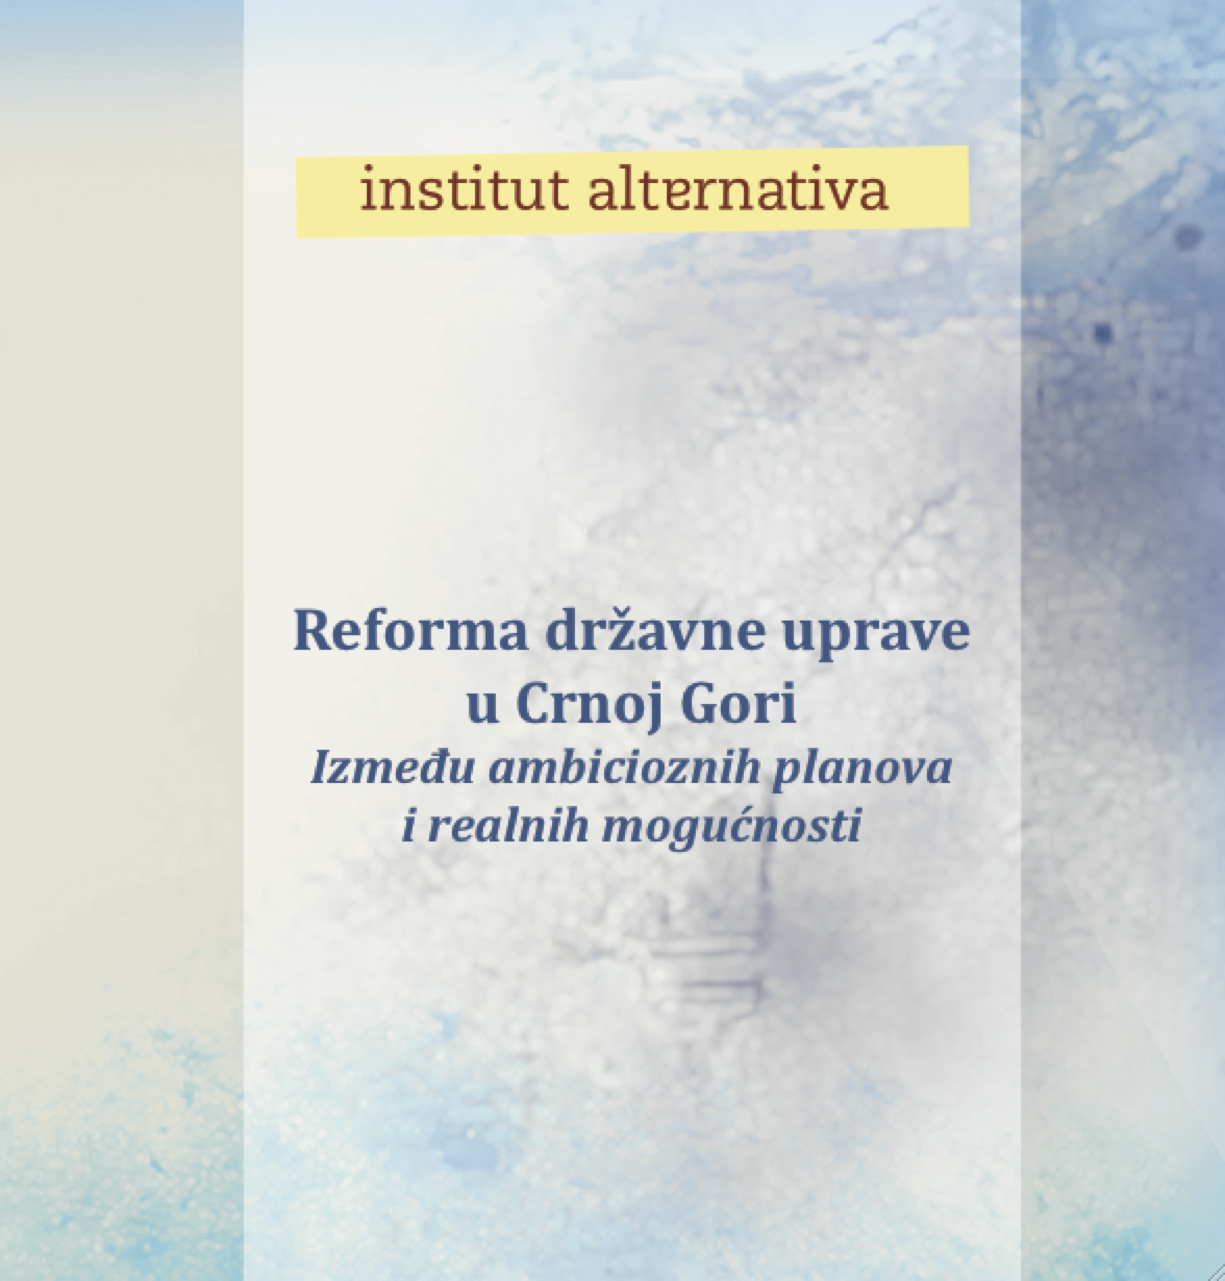 Reforma državne uprave u Crnoj Gori - Između ambicioznih planova i realnih mogućnosti